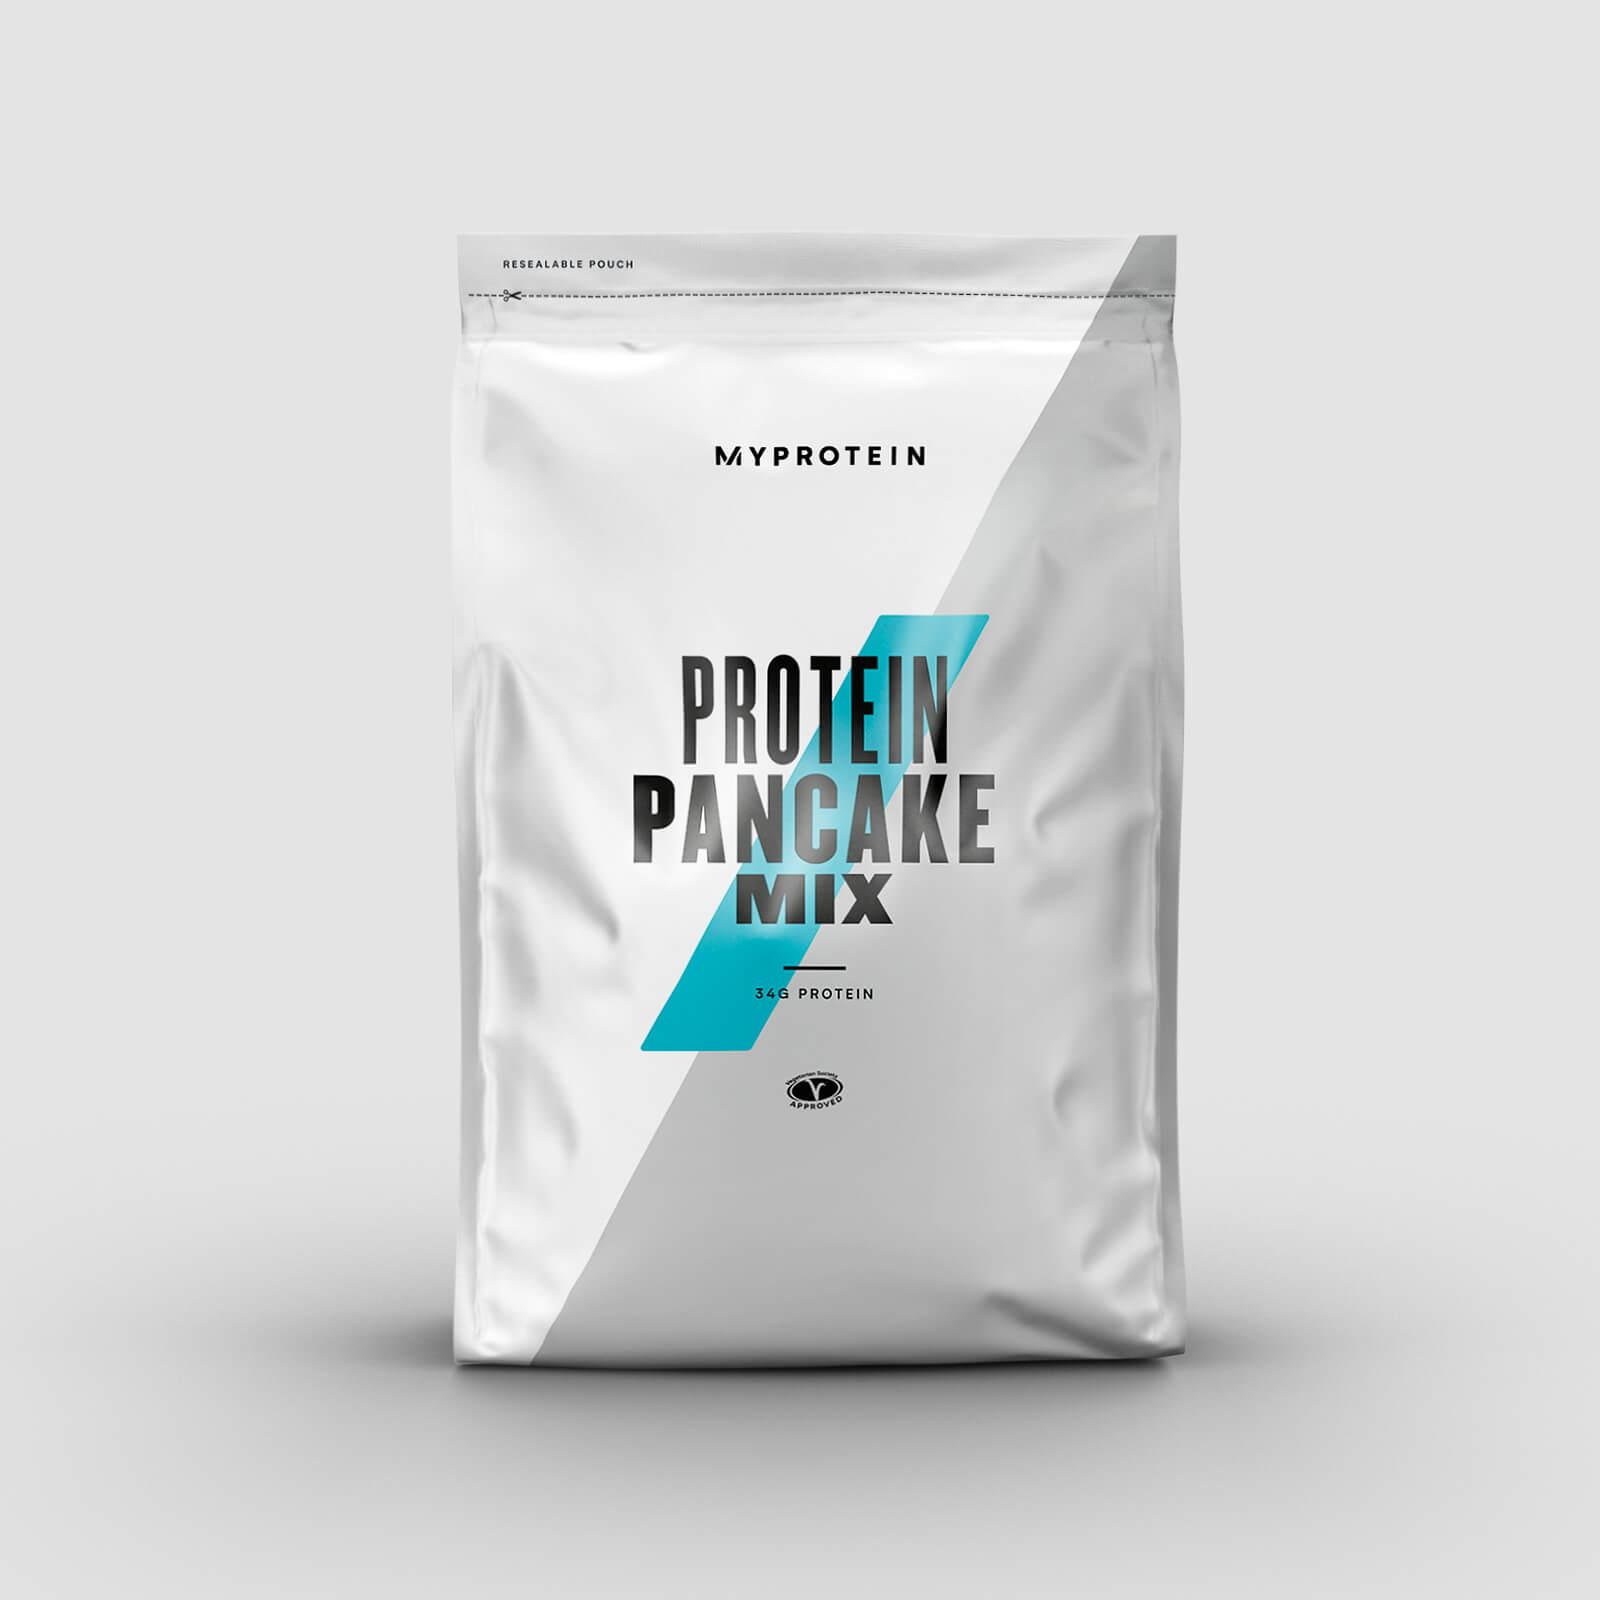 MyProtein Pancake mix Příchuť: Čokoláda, Hmotnost: 1000g